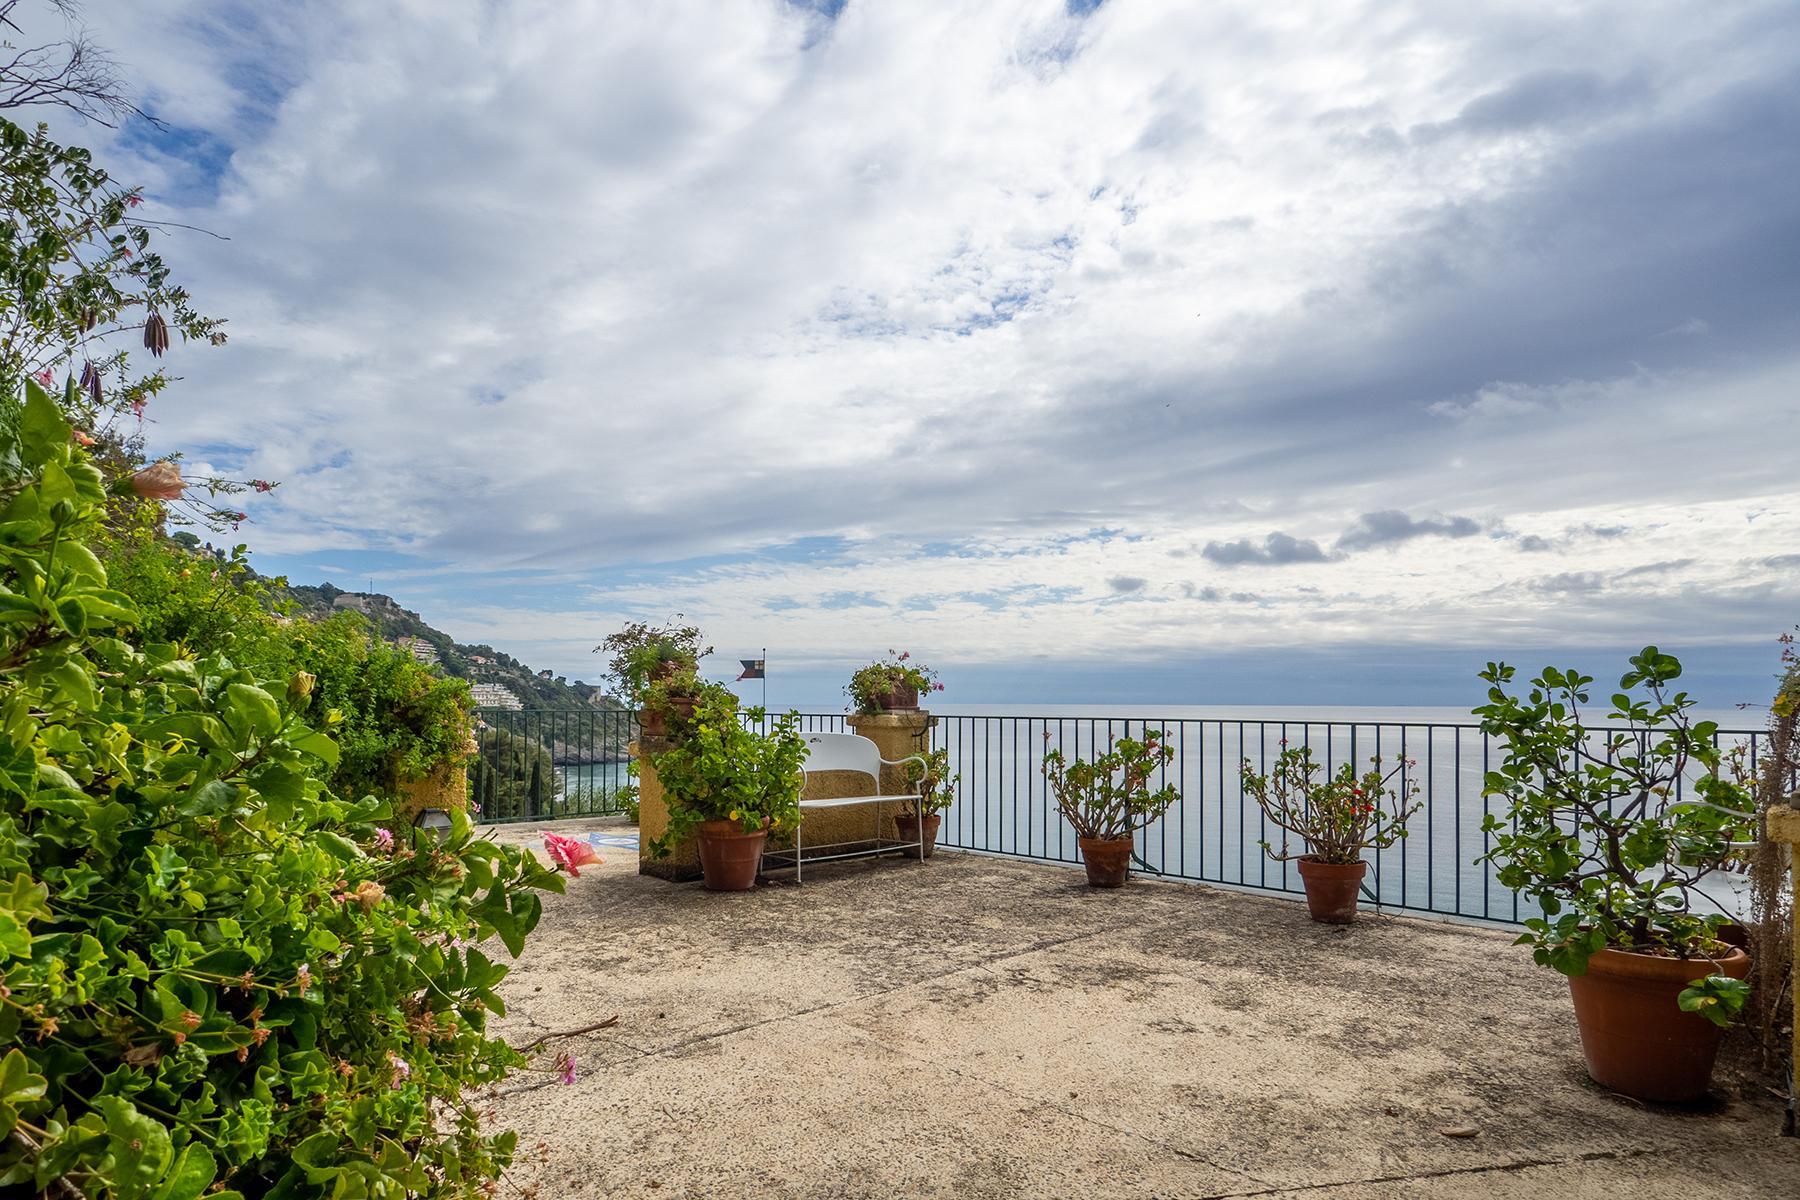 Historische unabhängige Villa mit privatem Zugang zum Meer - 20